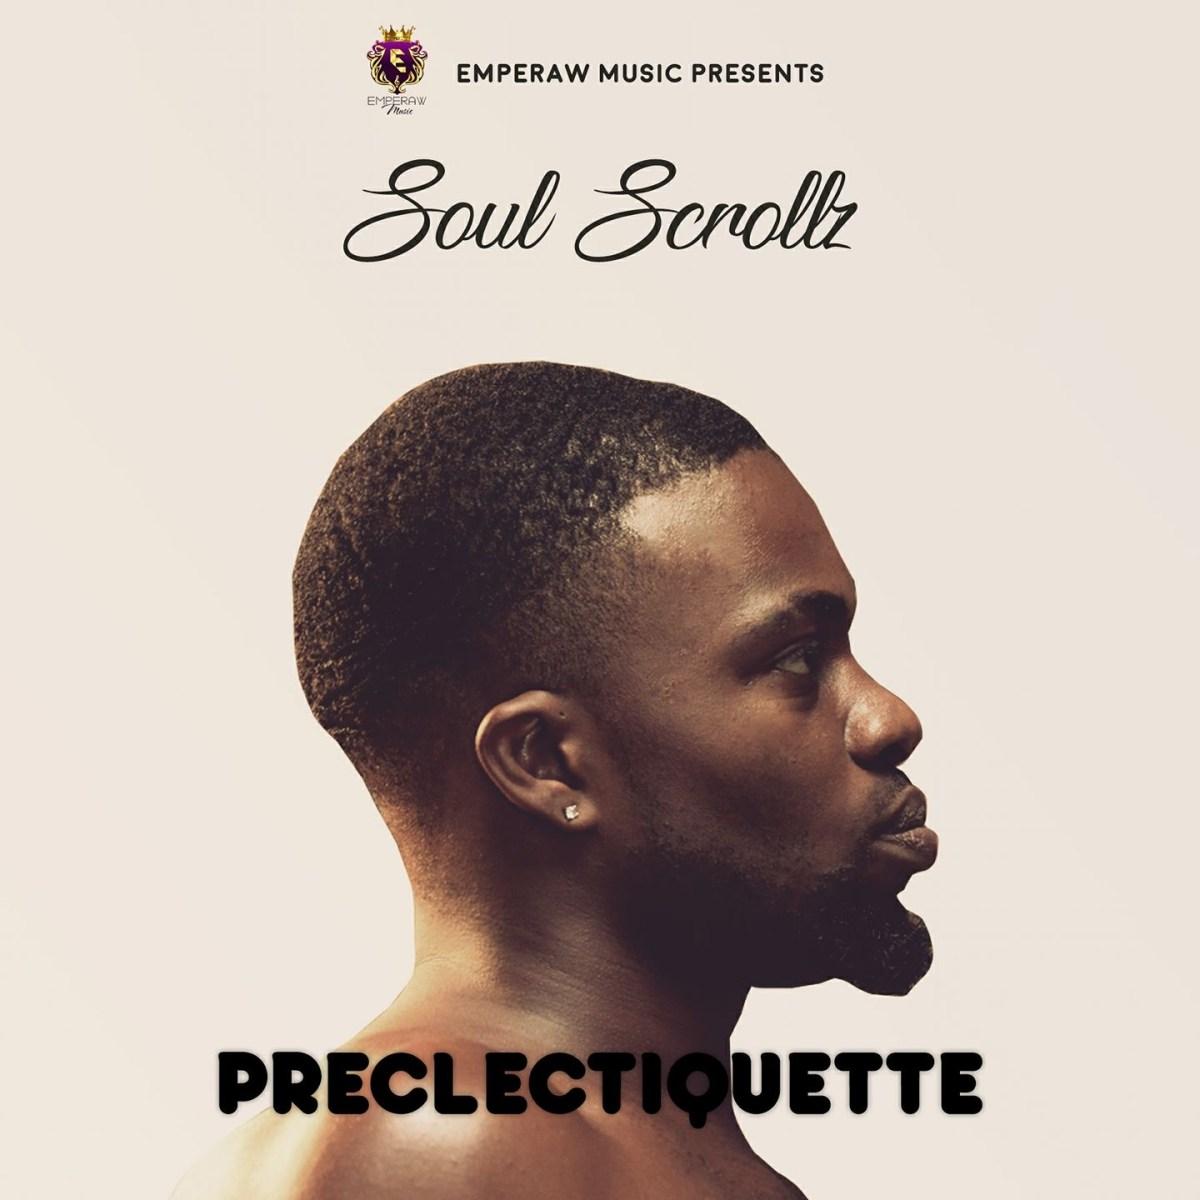 MUSIC PREMIERE: SOUL SCROLLZ - PRECLECTIQUETTE [EP]